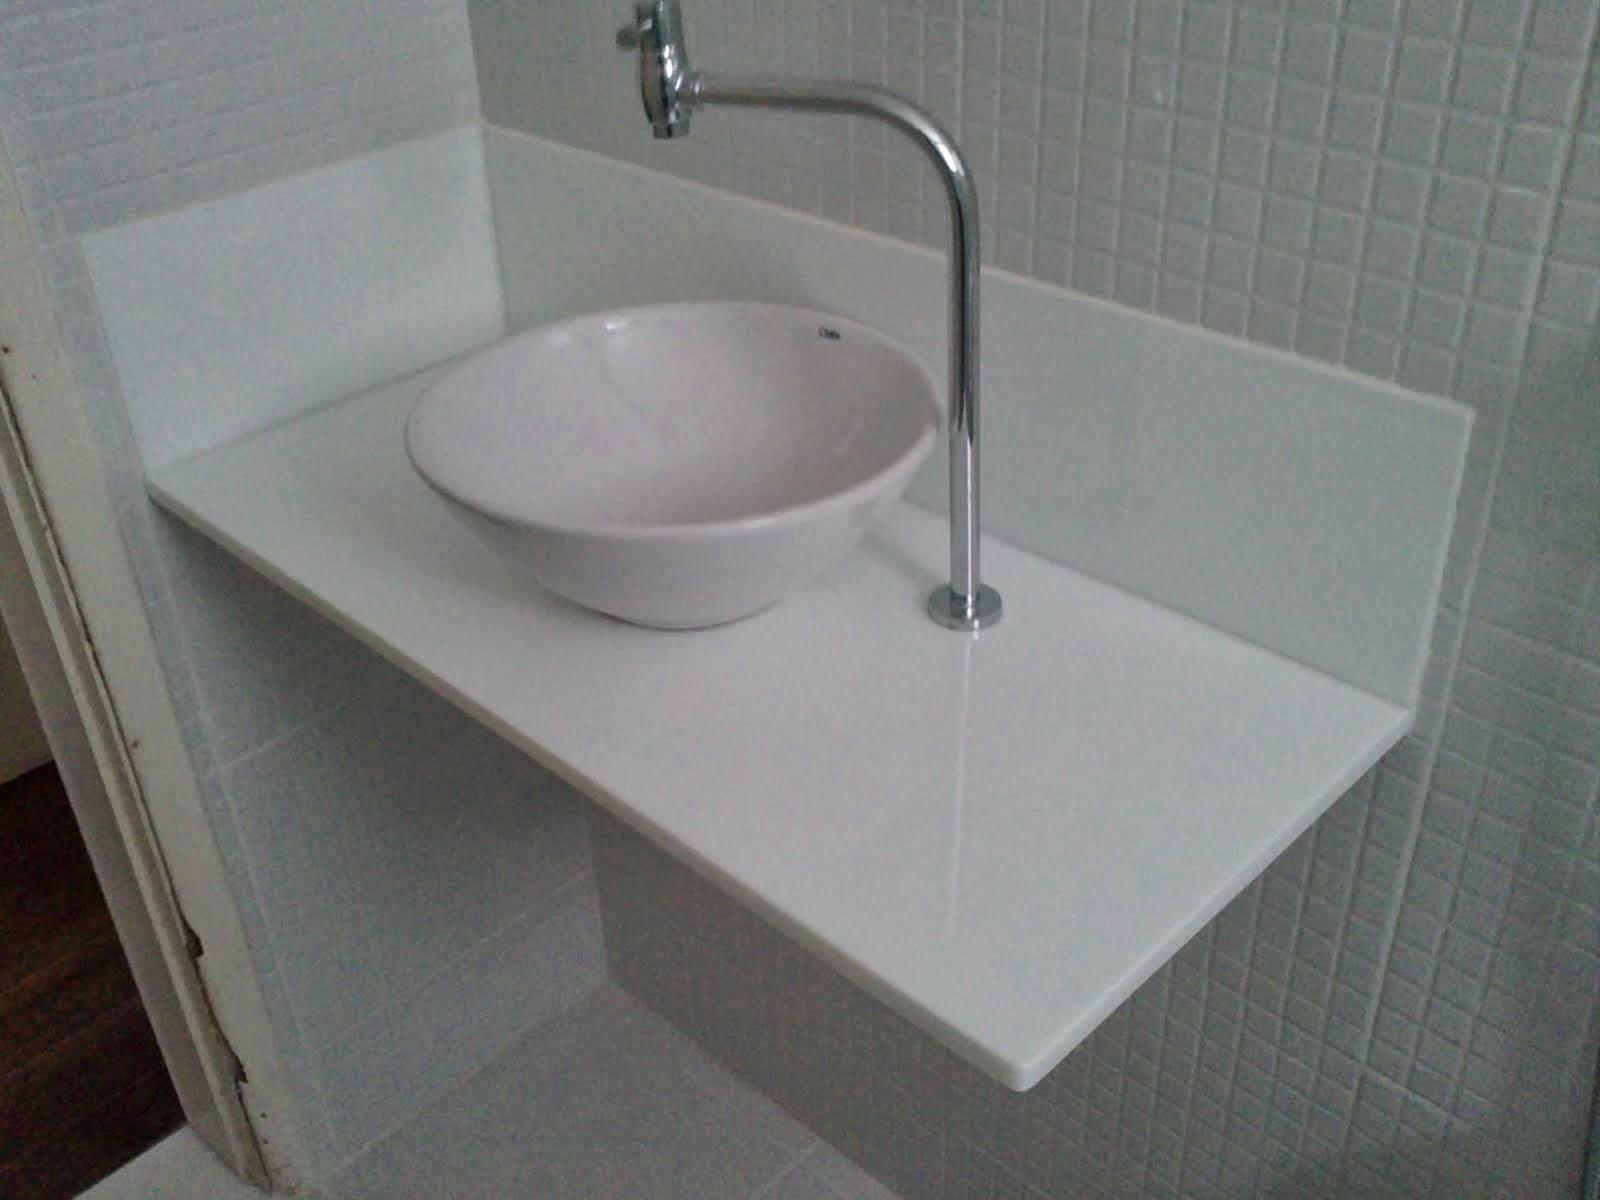 Ajuda pia do banheiro  Vida Louca de Casada  Blog sobre decoração, DIY, cu -> Pia Para Banheiro Tupan